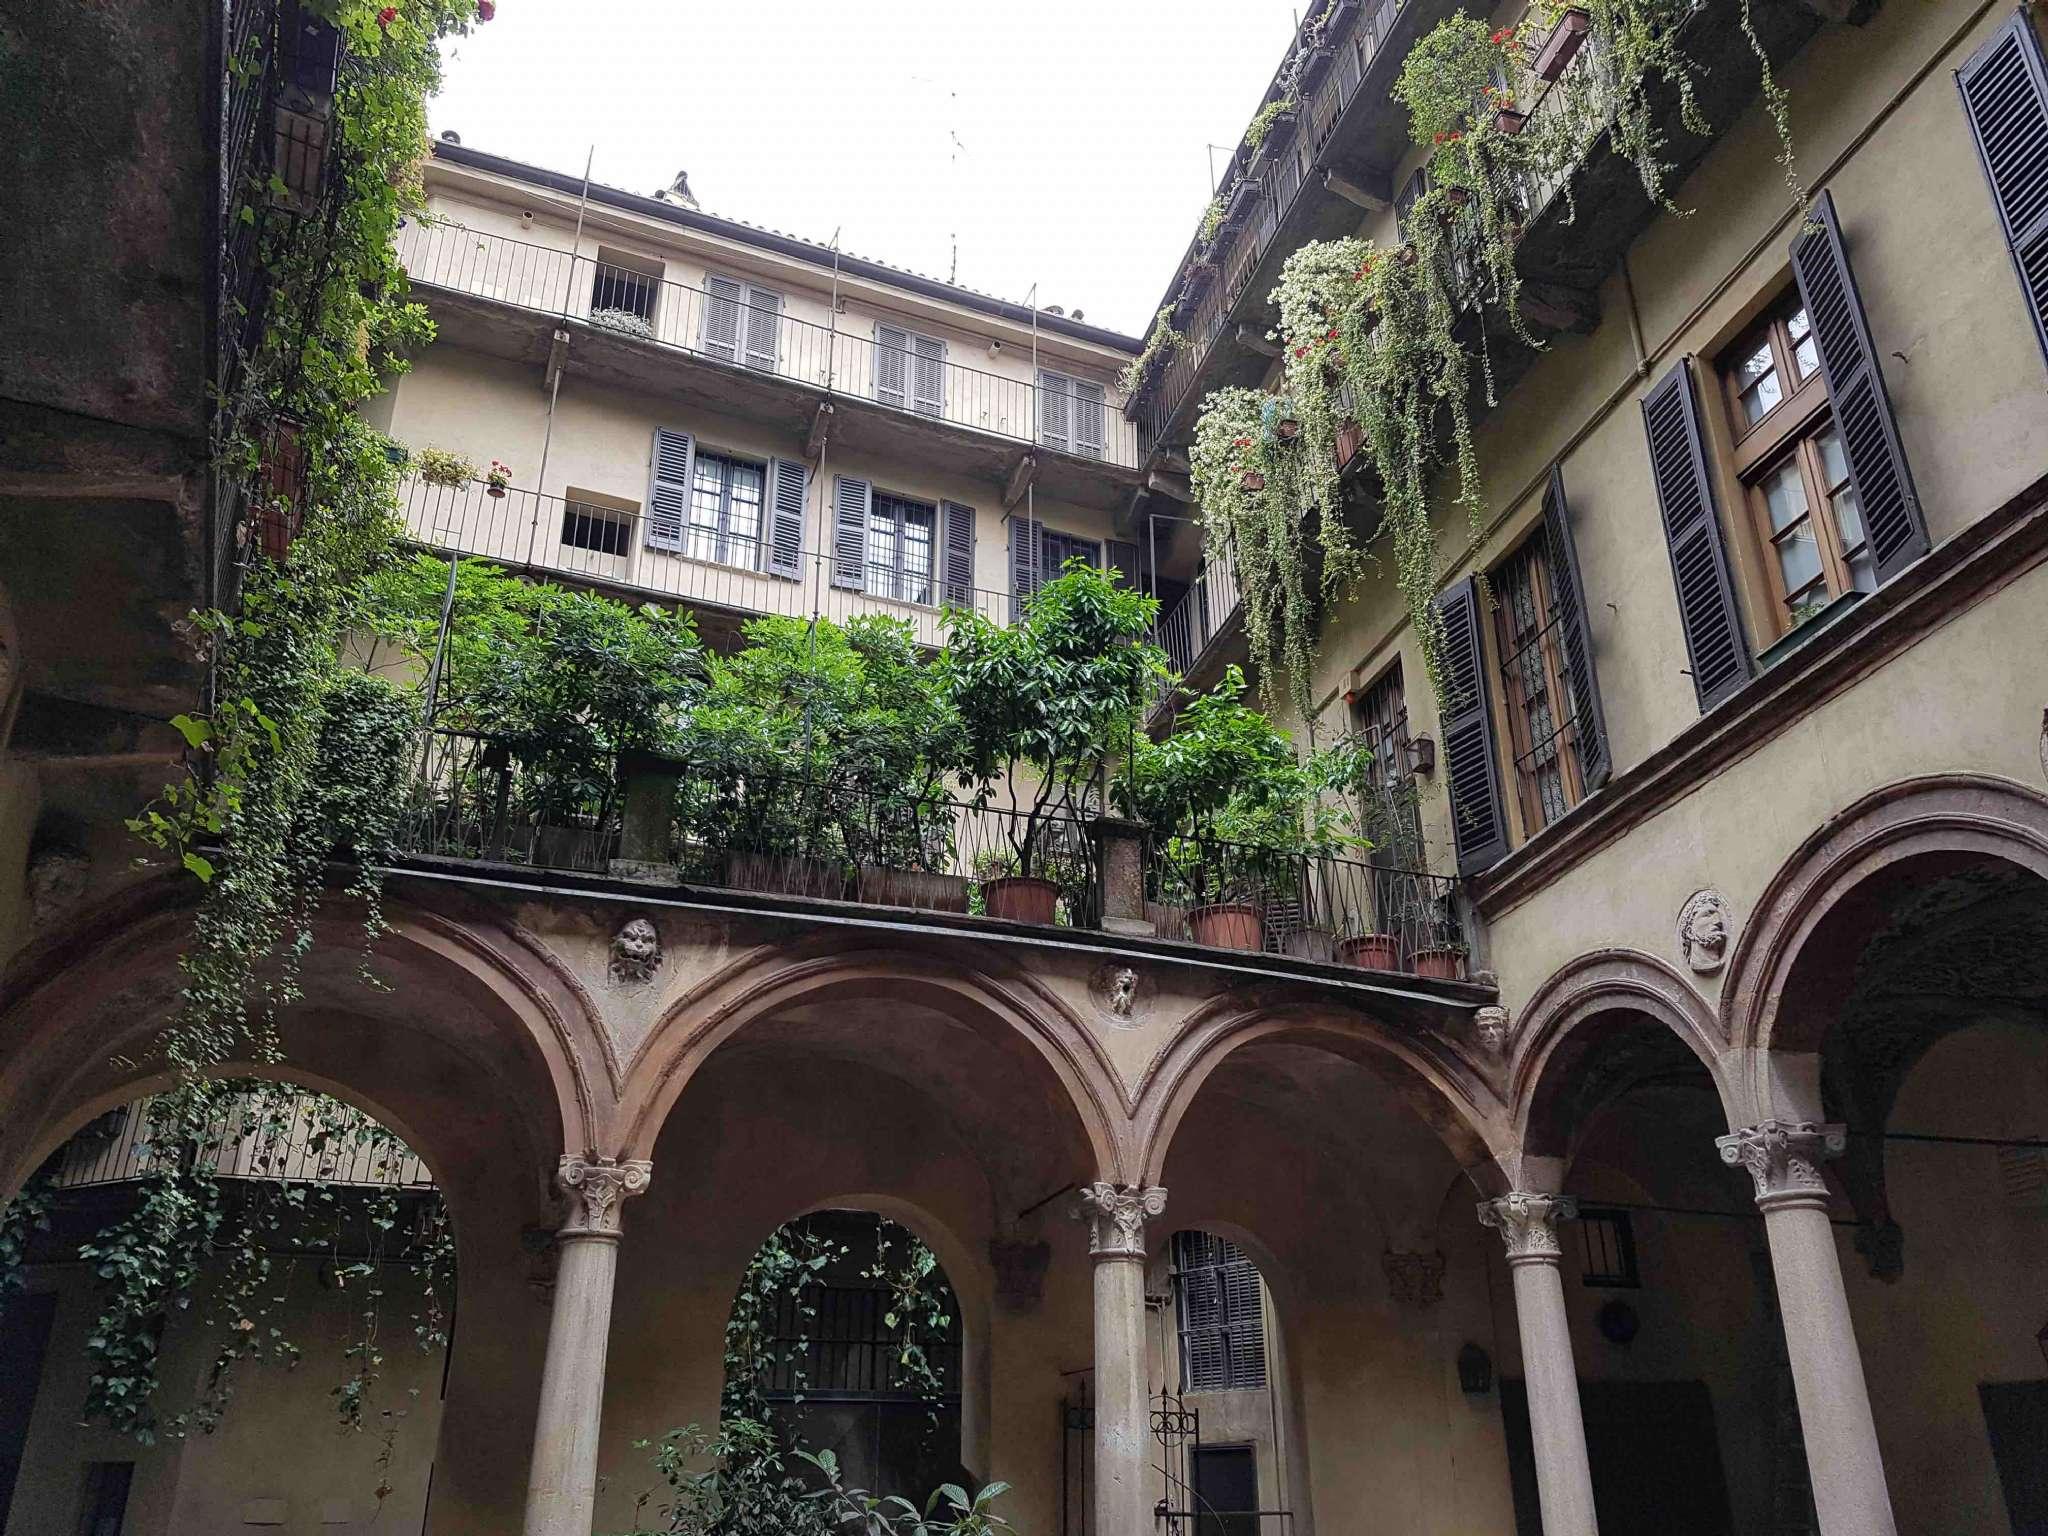 Appartamento in affitto a Milano, 2 locali, zona Zona: 1 . Centro Storico, Duomo, Brera, Cadorna, Cattolica, prezzo € 2.000 | Cambio Casa.it